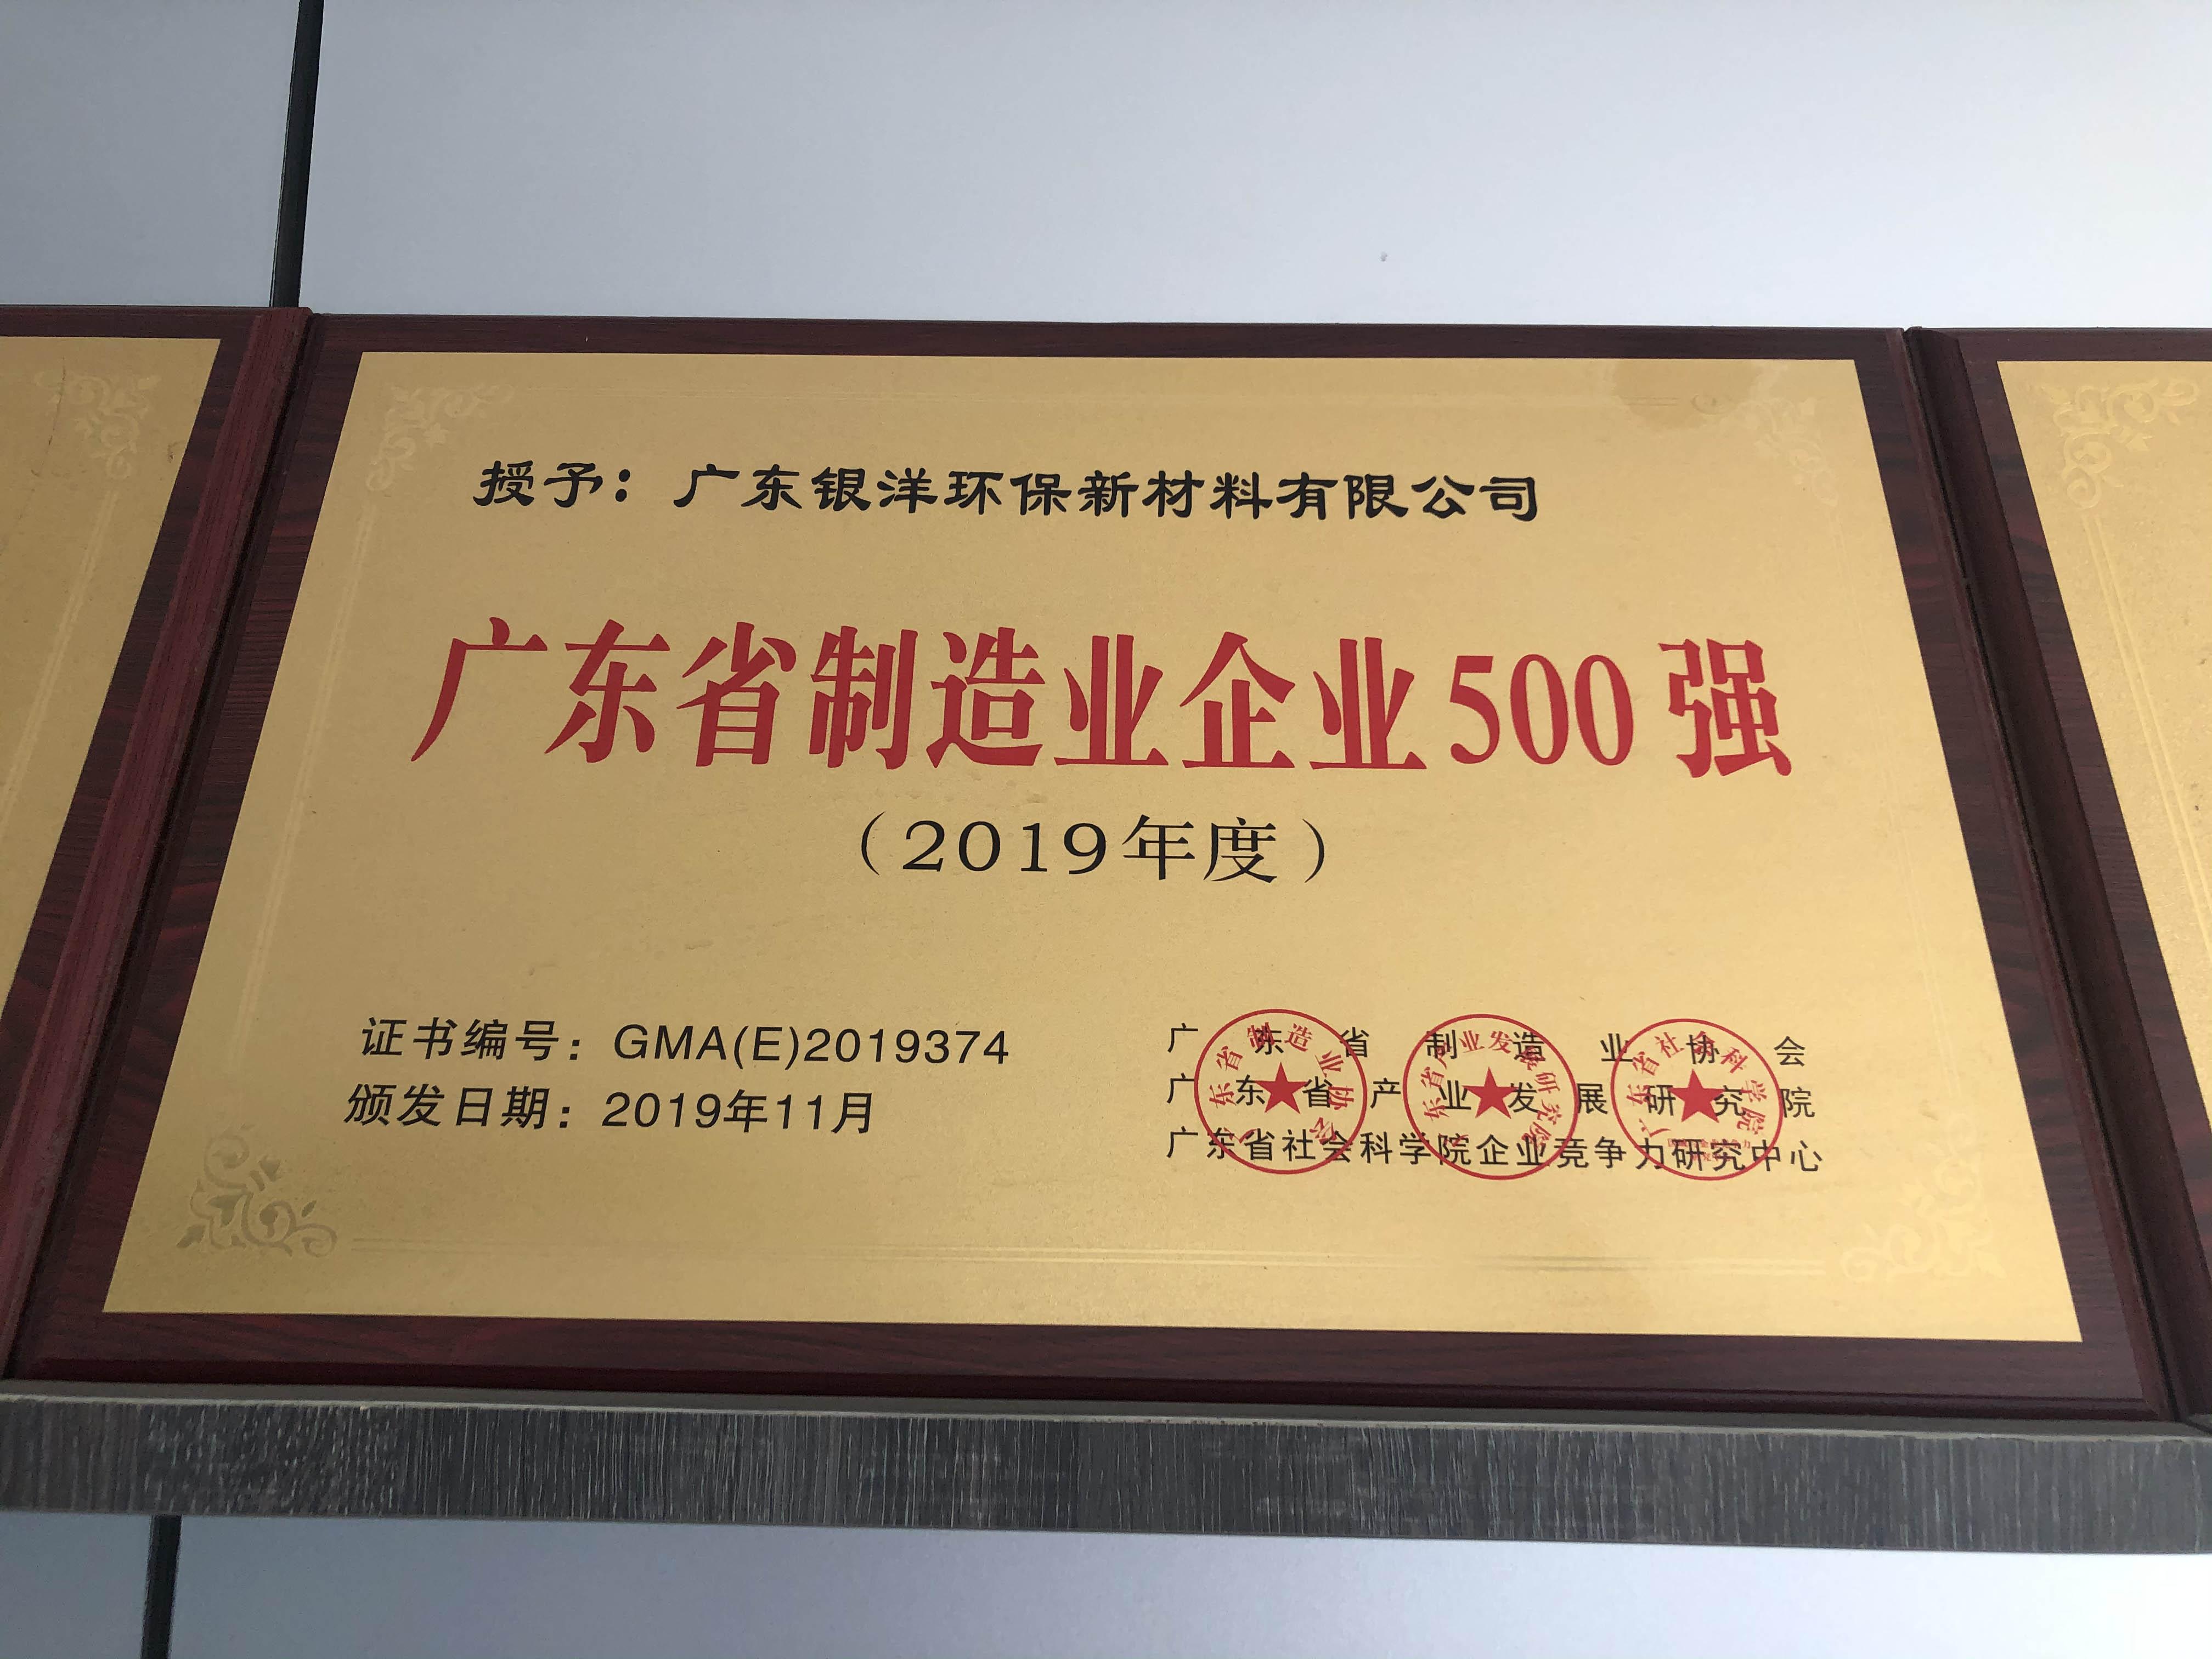 雷竞技官网DOTA2,LOL,CSGO最佳电竞赛事竞猜省制造业企业500强